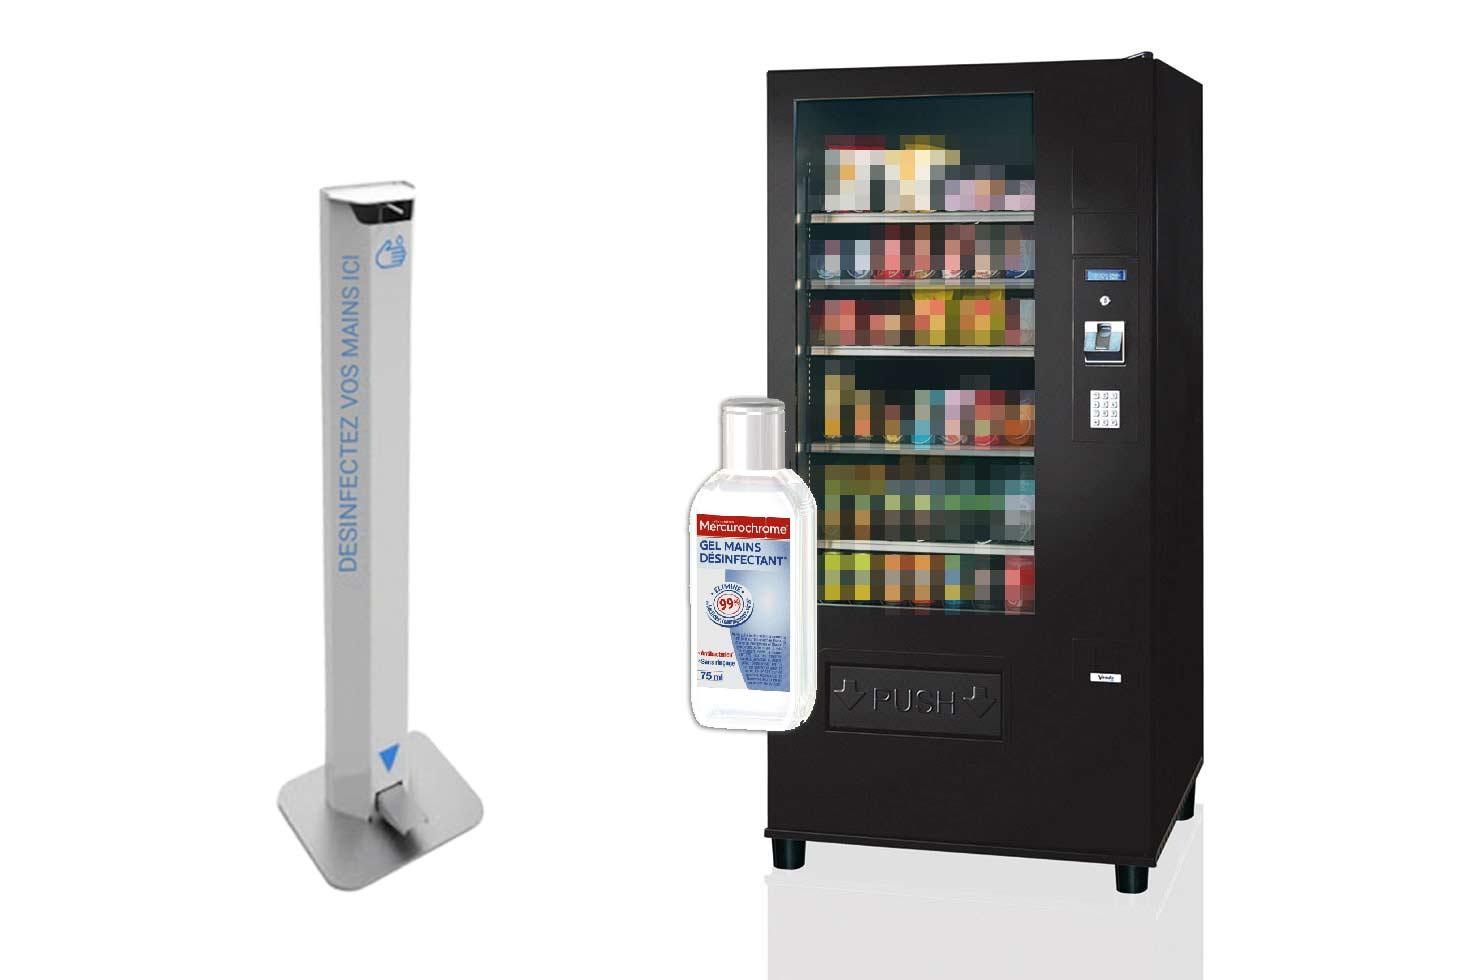 distributeur gel hydroalcoolique belgique